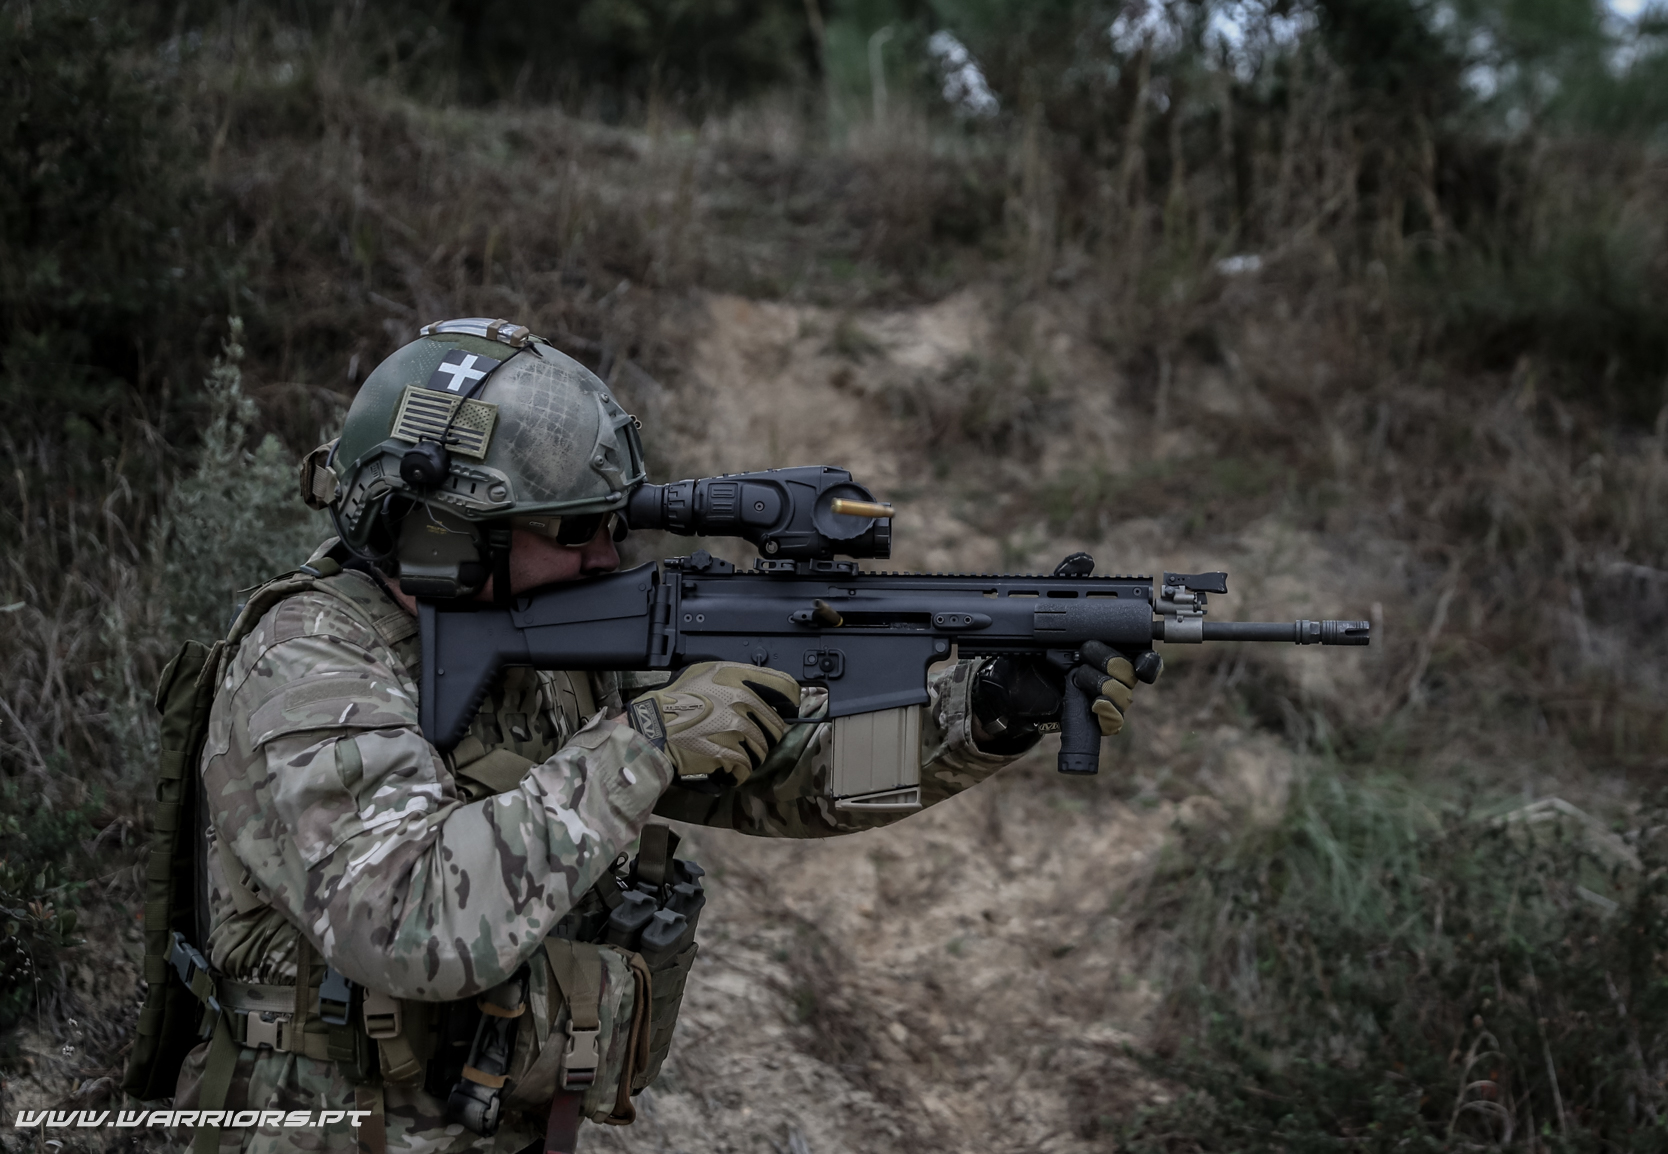 Substituição da G3 - Rangers Special Forces FN SCAR-H 7,62x51mm